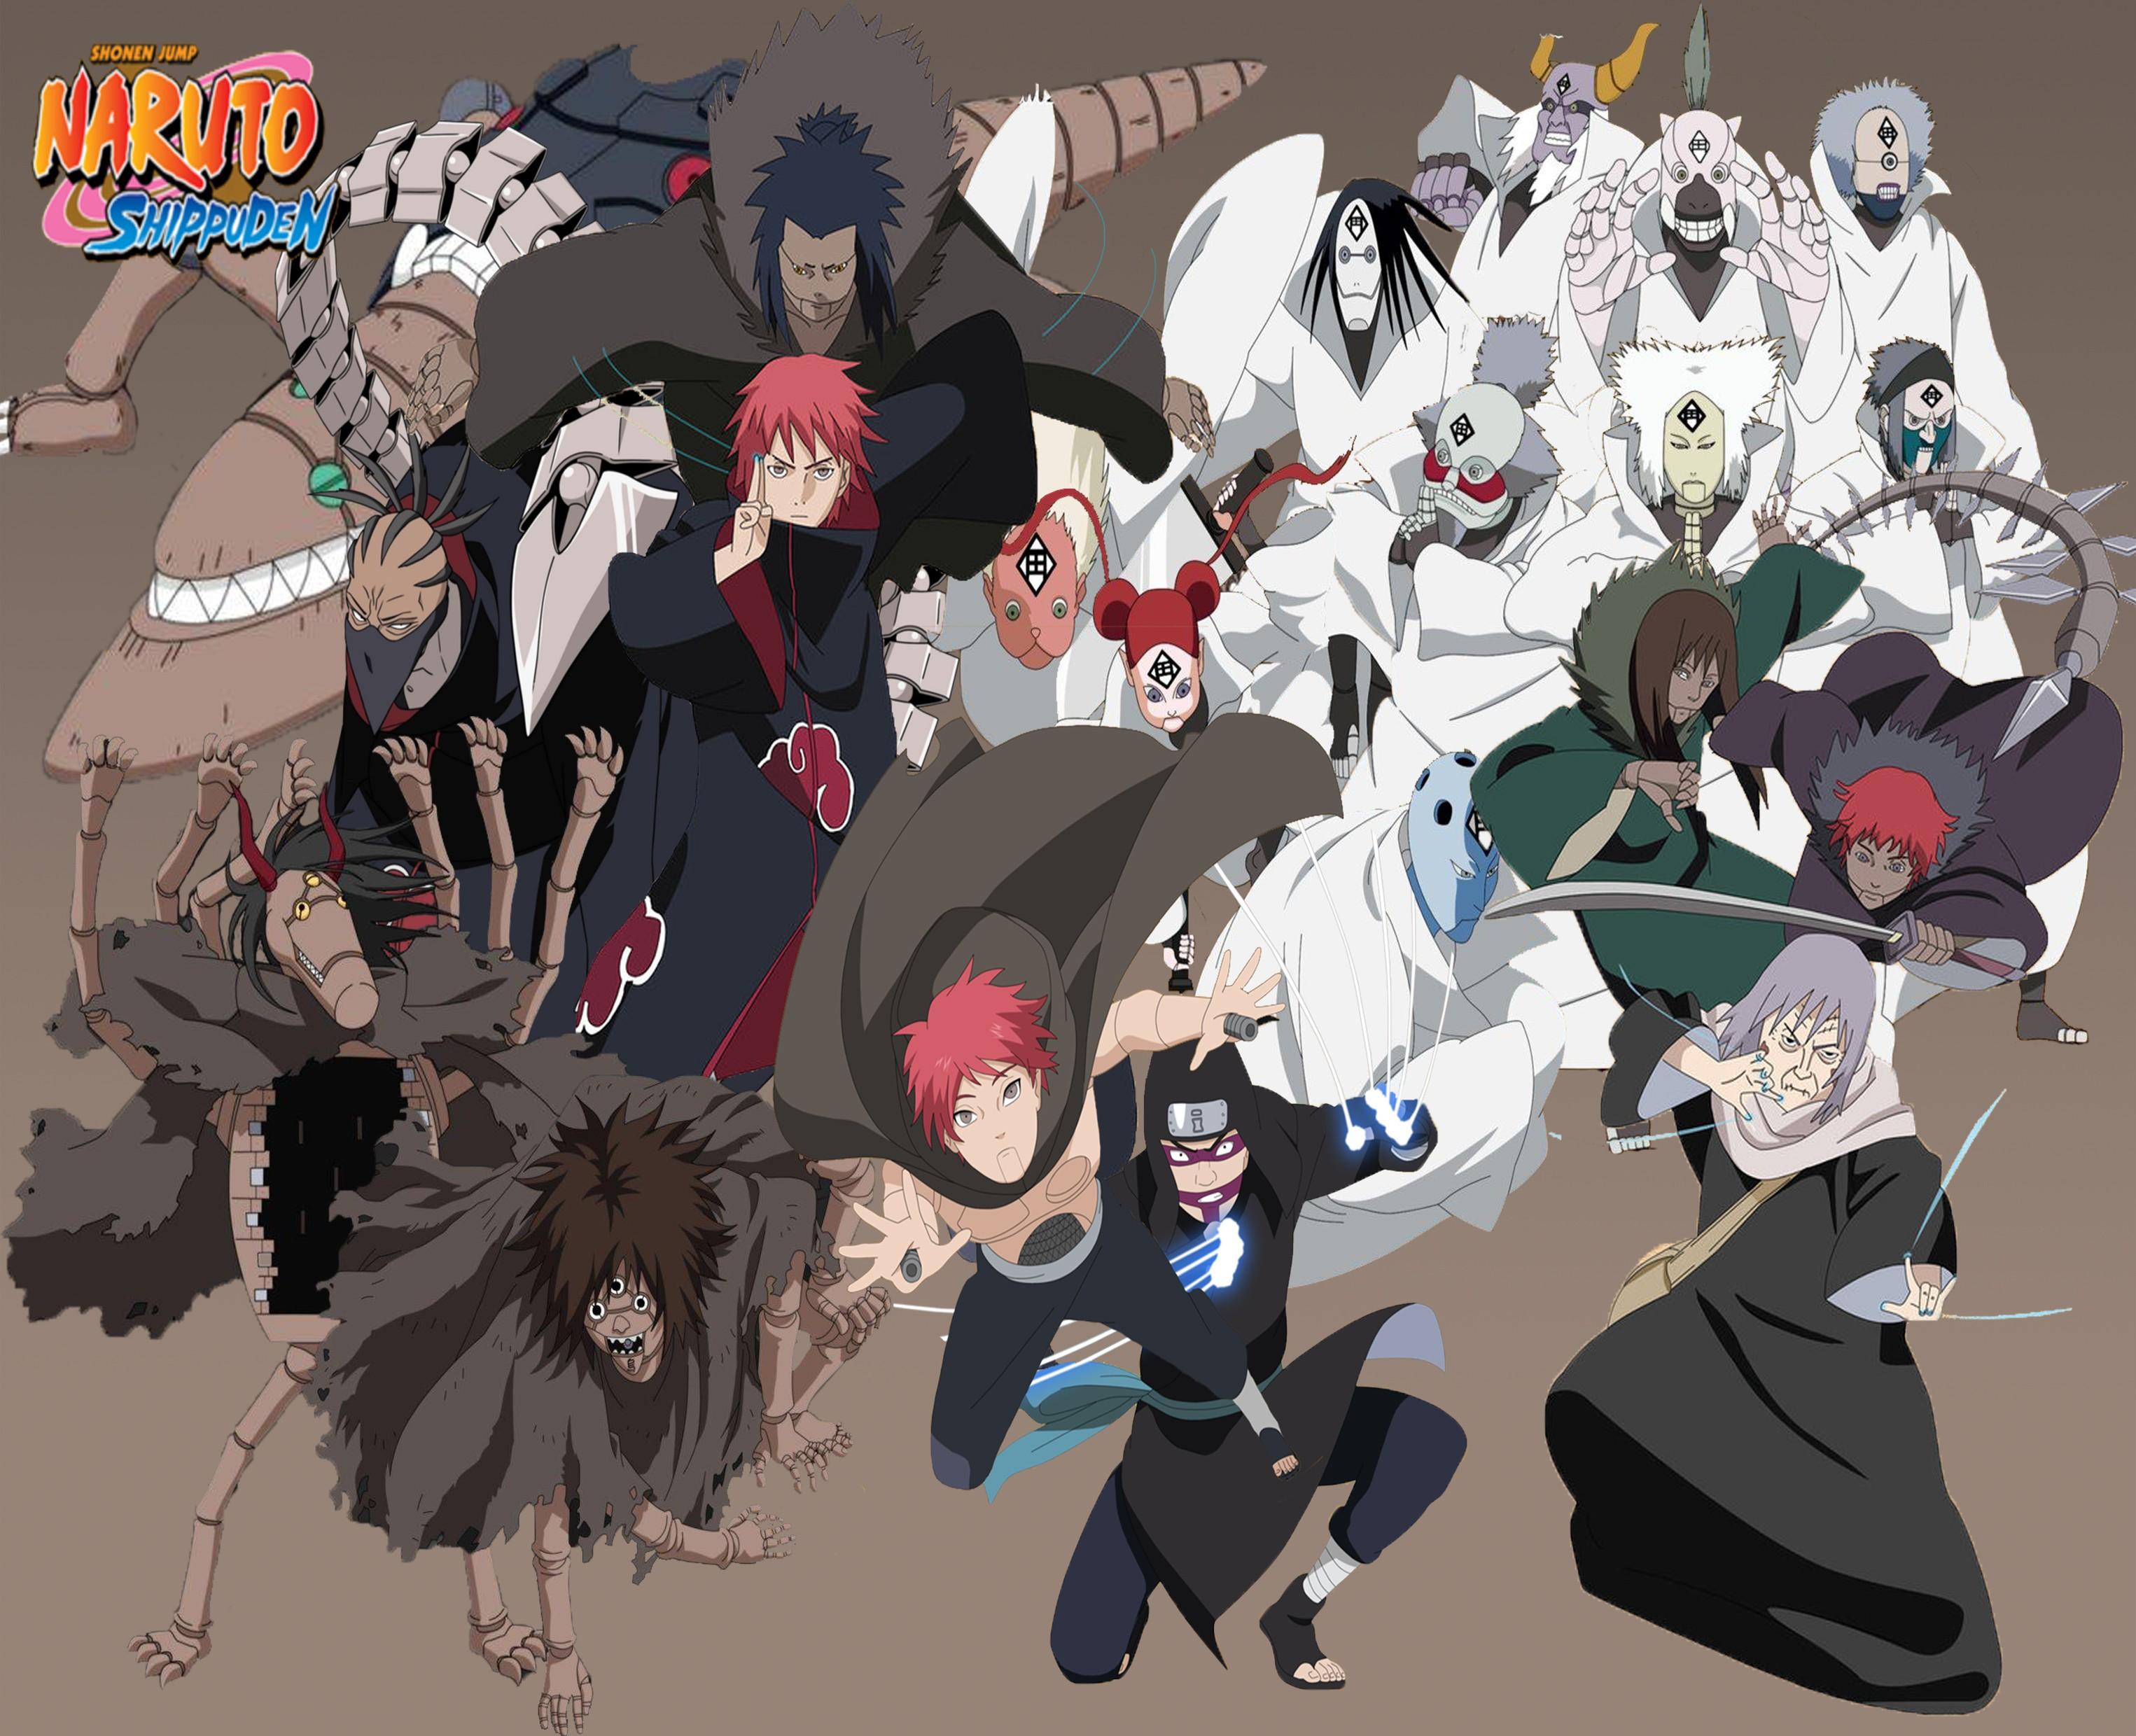 Anime - Naruto Chiyo Kankurō (Naruto) Sasori (Naruto) Wallpaper